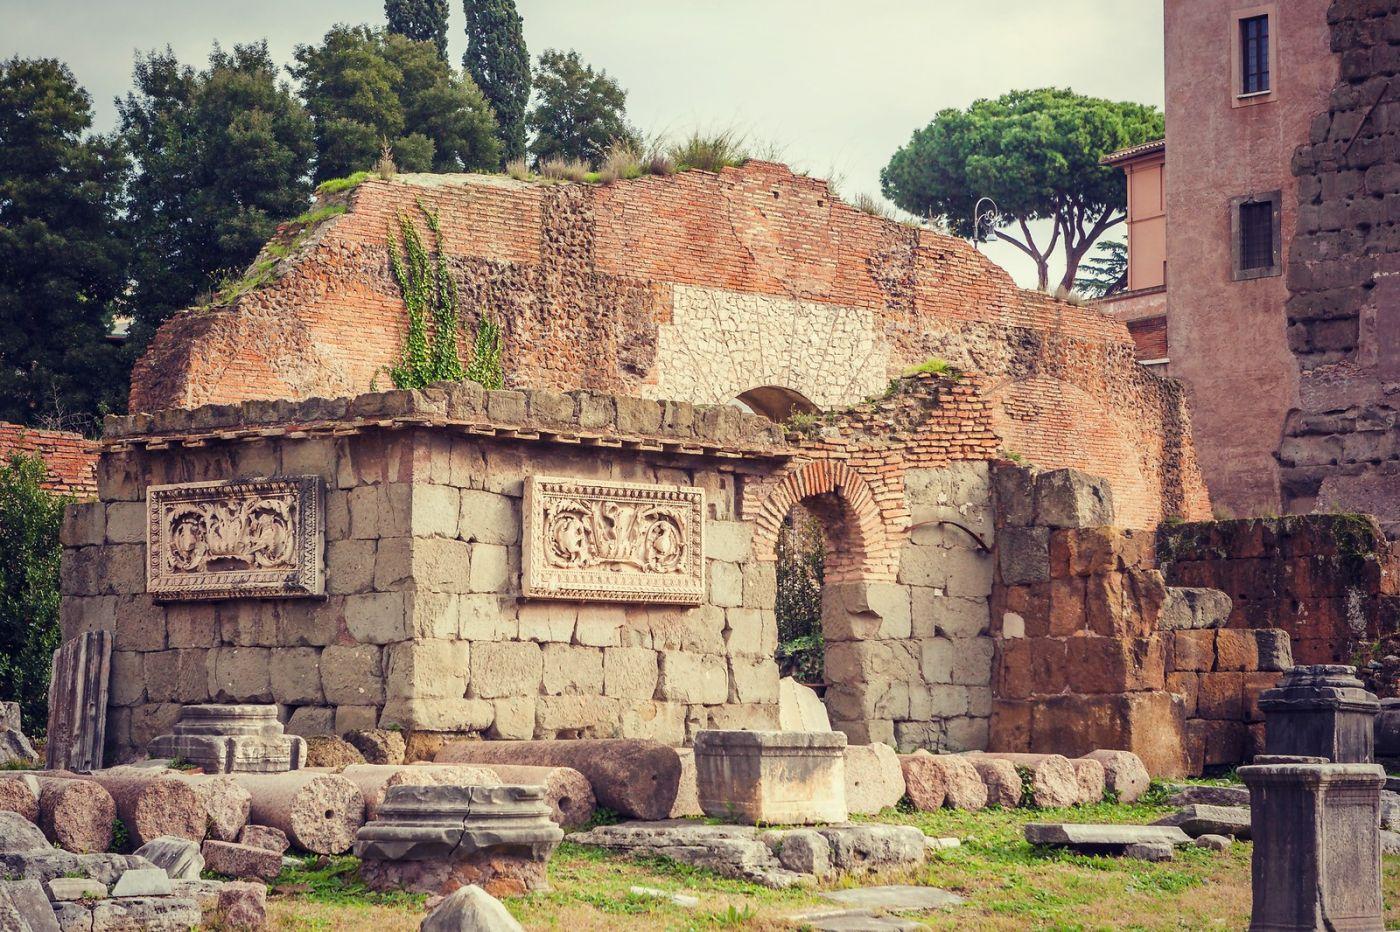 意大利罗马论坛,很敬佩_图1-25